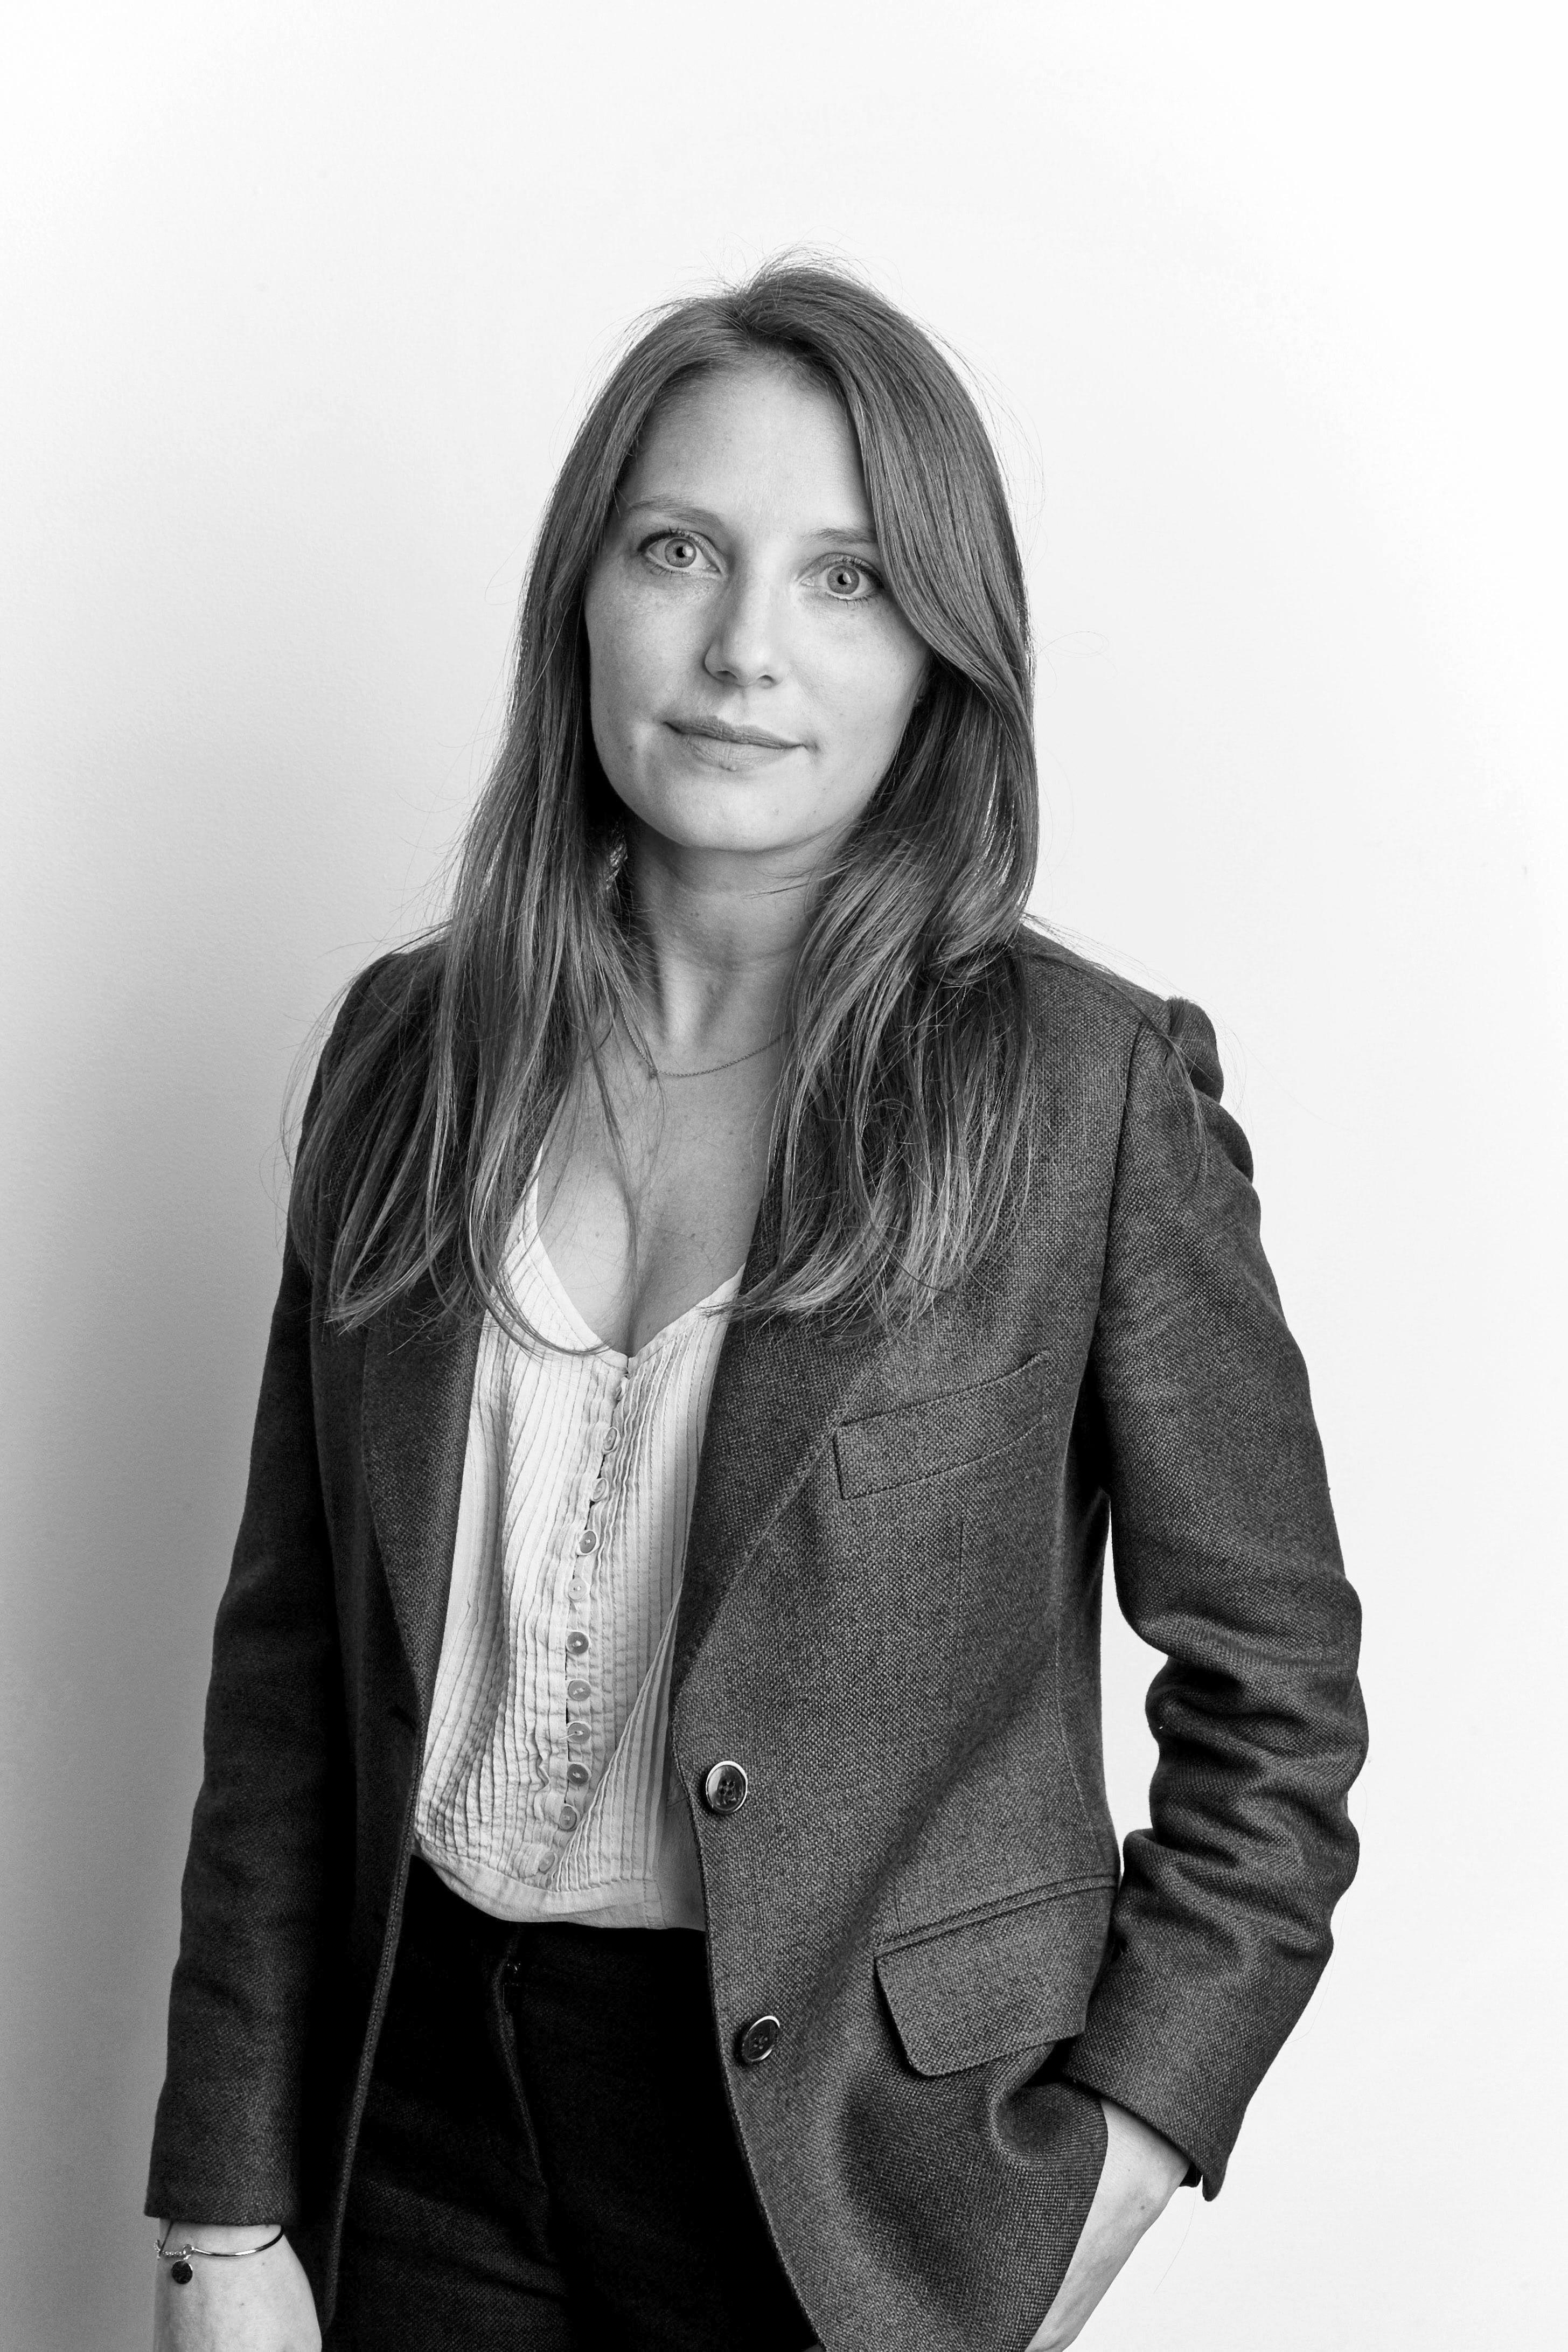 Julie Langlois